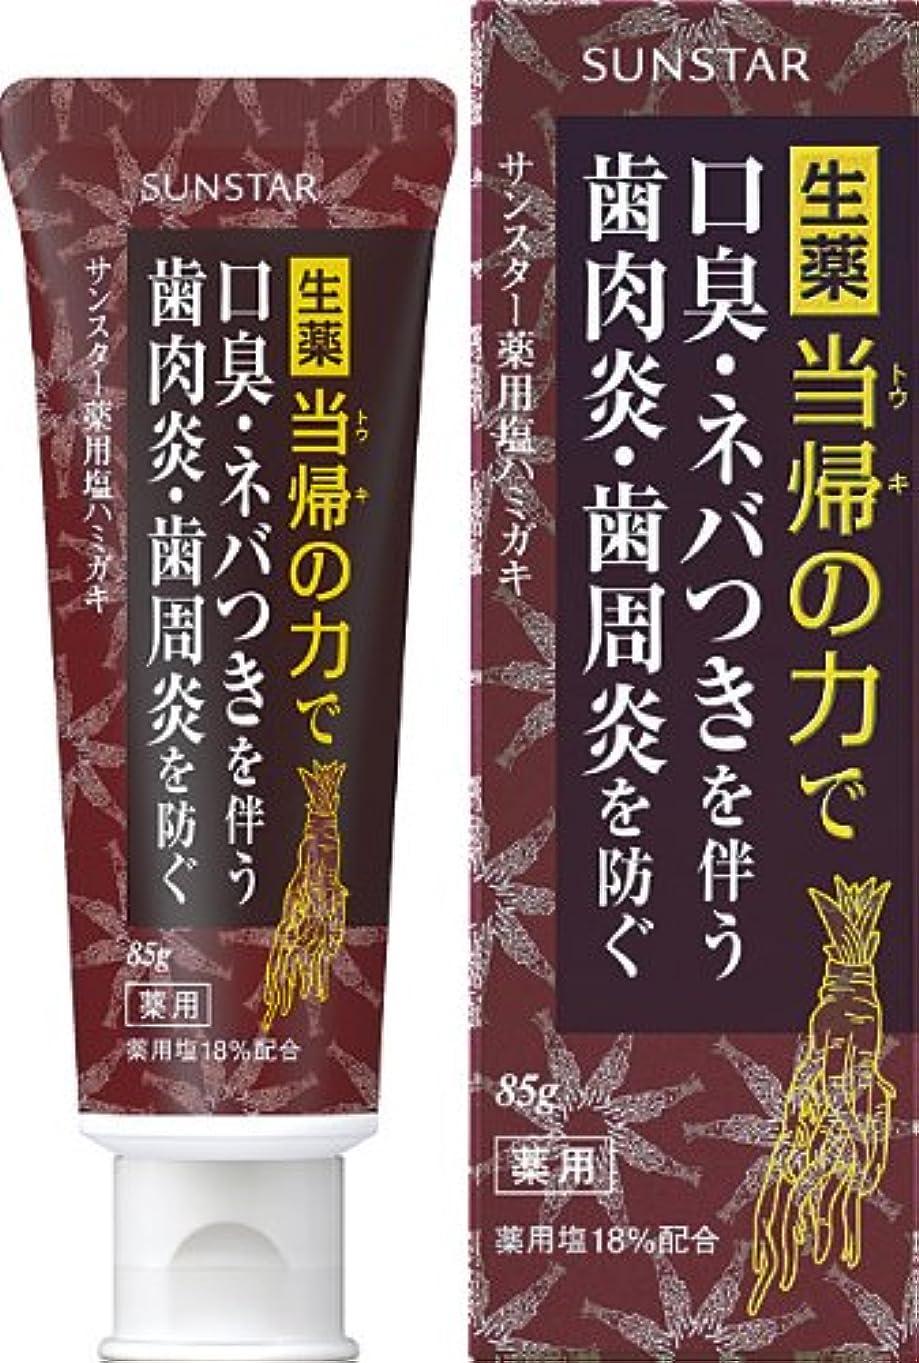 お手伝いさん行為困惑するサンスター 薬用塩ハミガキ 85g (医薬部外品)